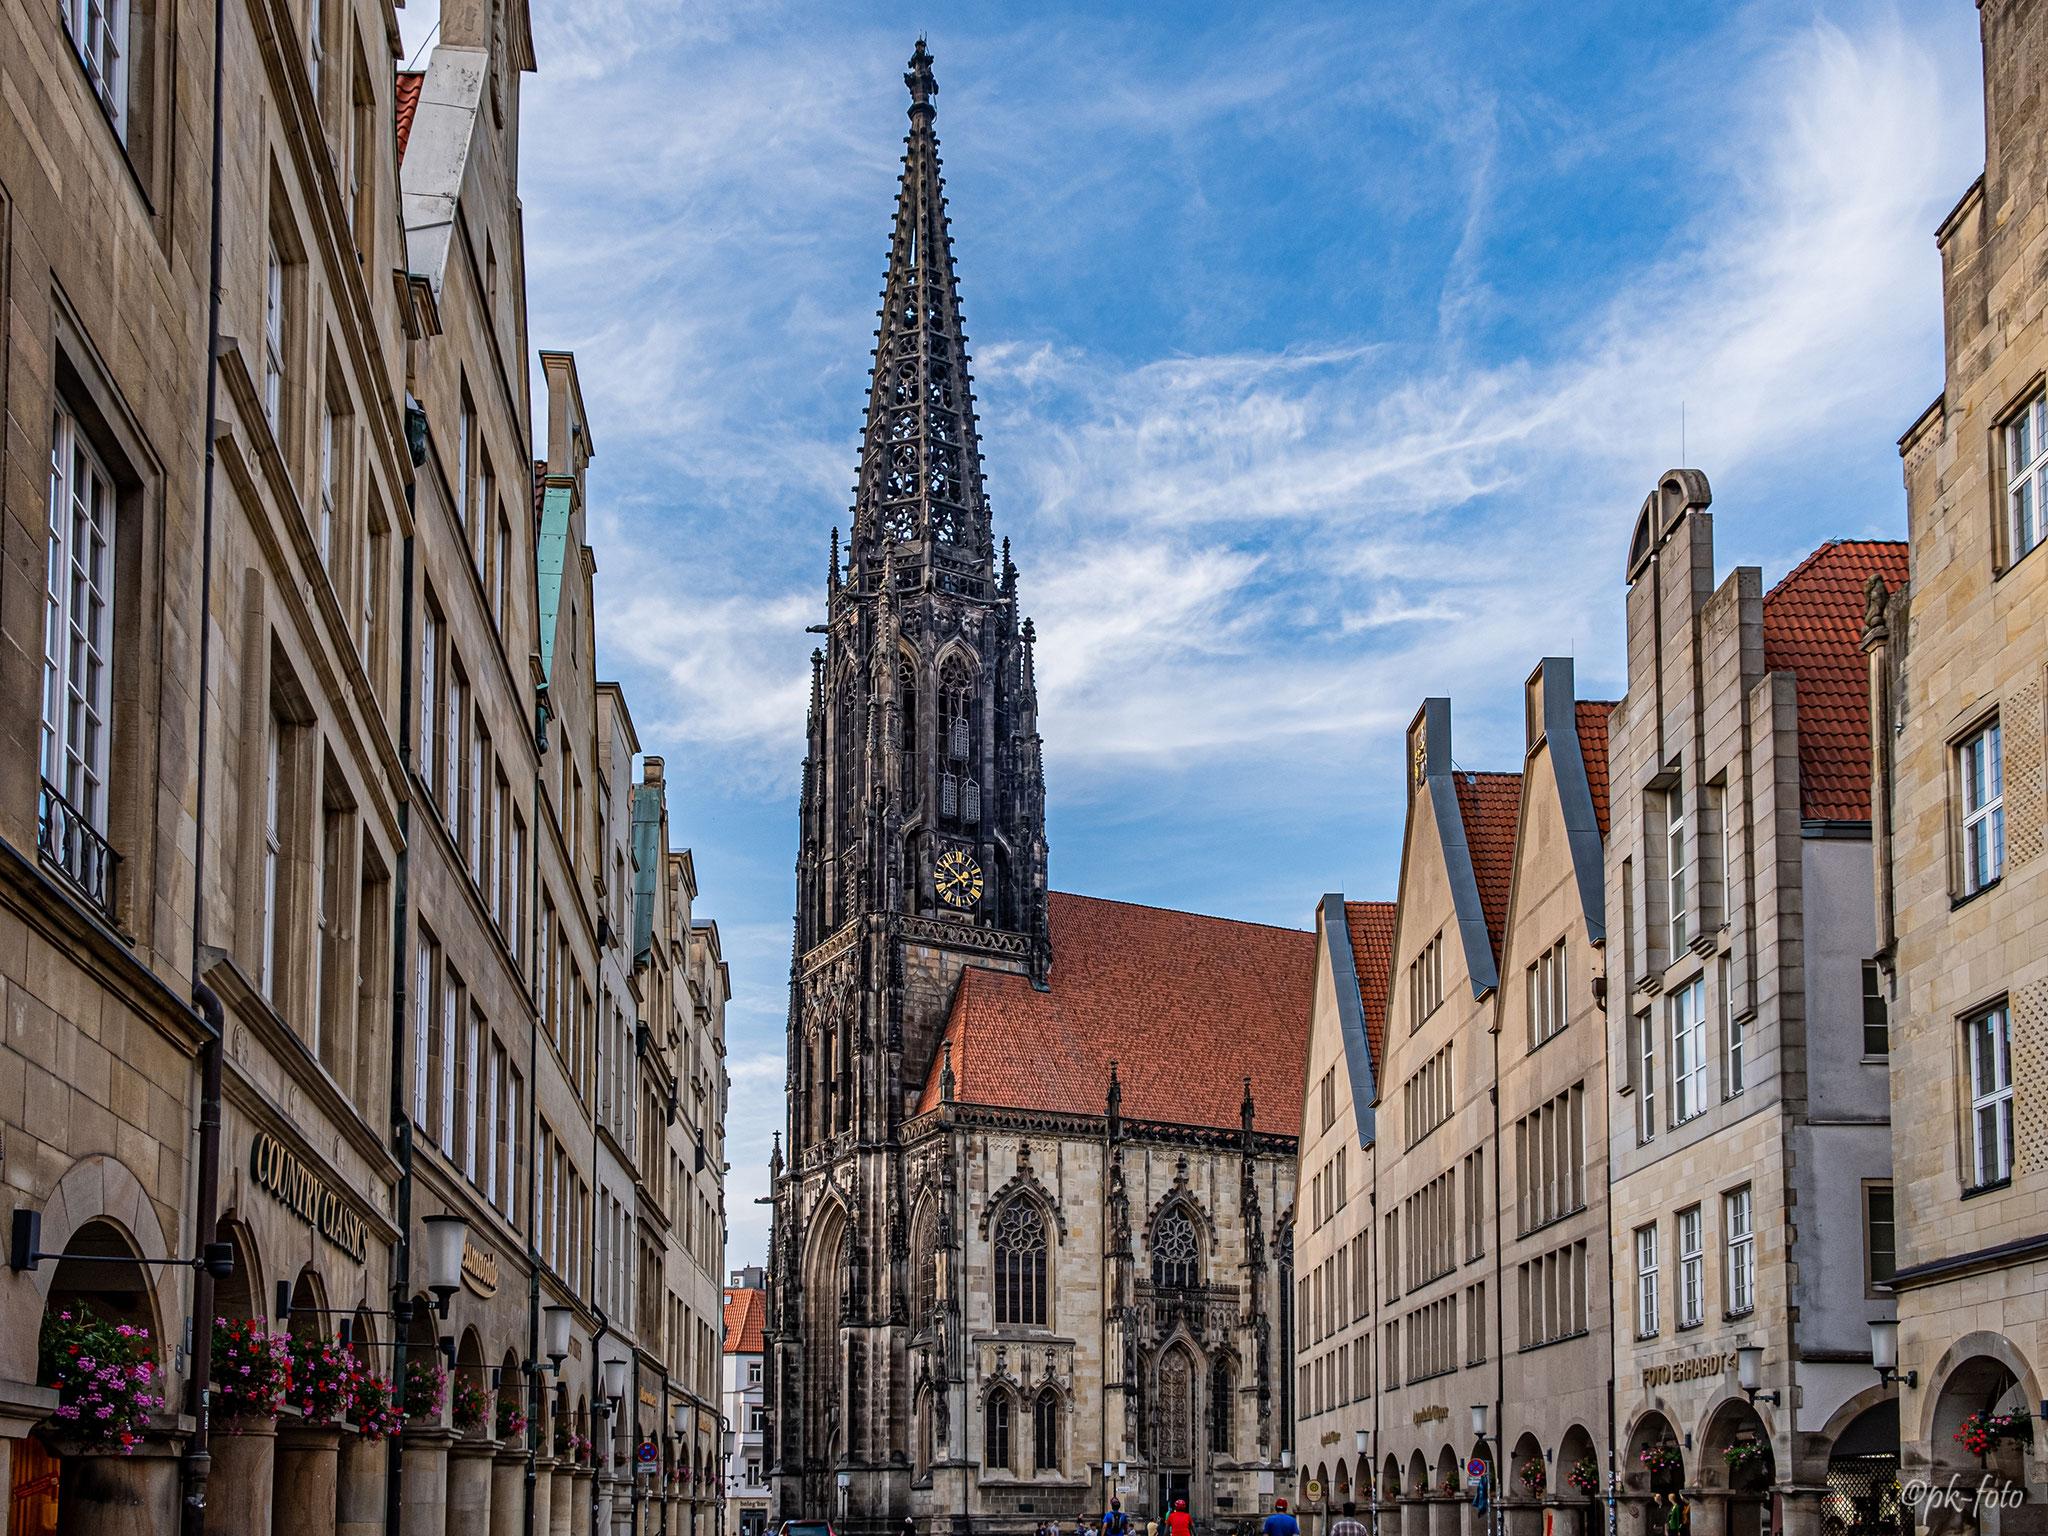 Lamberti Kirche zu Münster, seit 1375. Hier bläst halbstündlich die Türmerin Martje Saljé – zur vollen und halben Stunde ein Horn